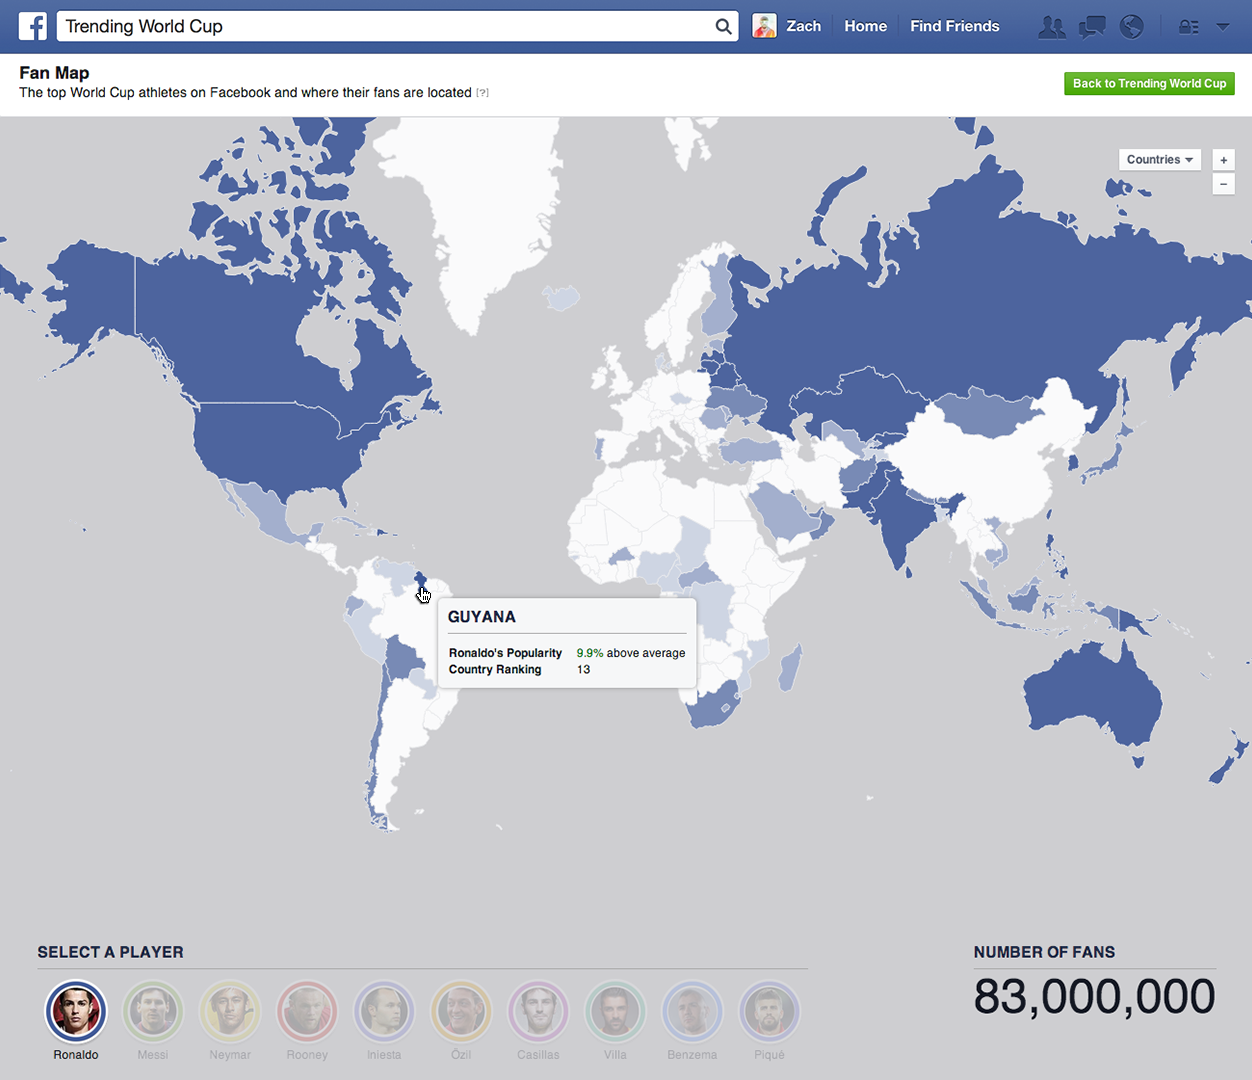 Coupe du monde 2014 quels sont les joueurs les plus populaires sur facebook - Carte coupe du monde 2014 ...